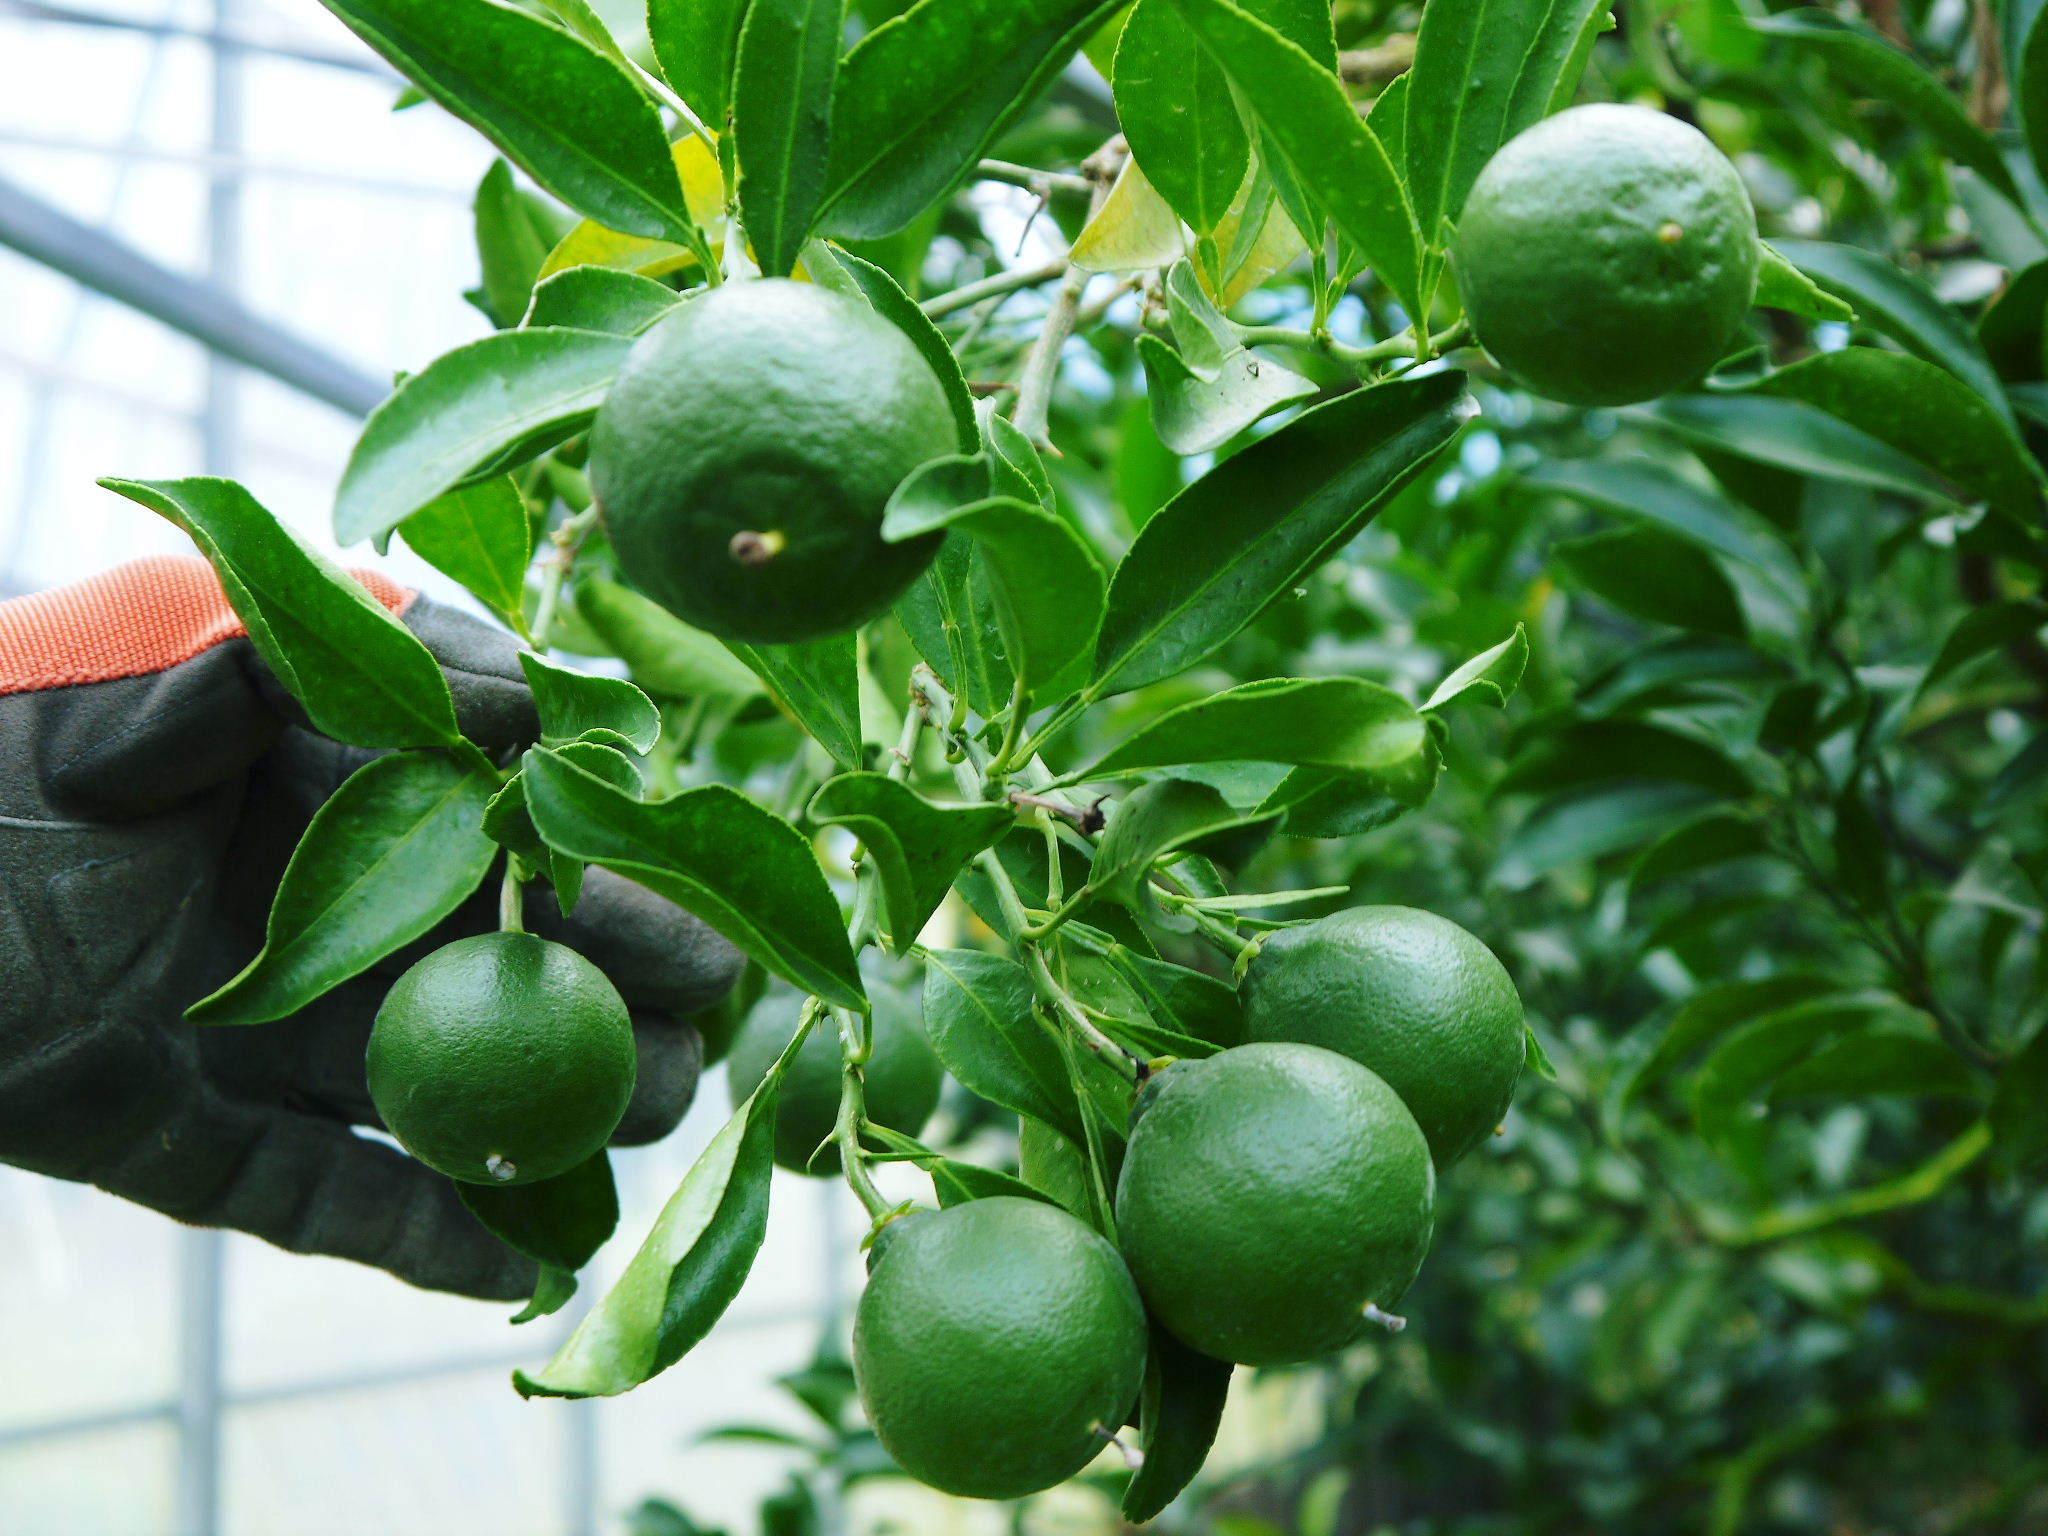 究極の柑橘「せとか」 摘果作業と玉吊り作業 樹勢も良く来年活躍する新芽も元気に芽吹いてます!_a0254656_18091497.jpg